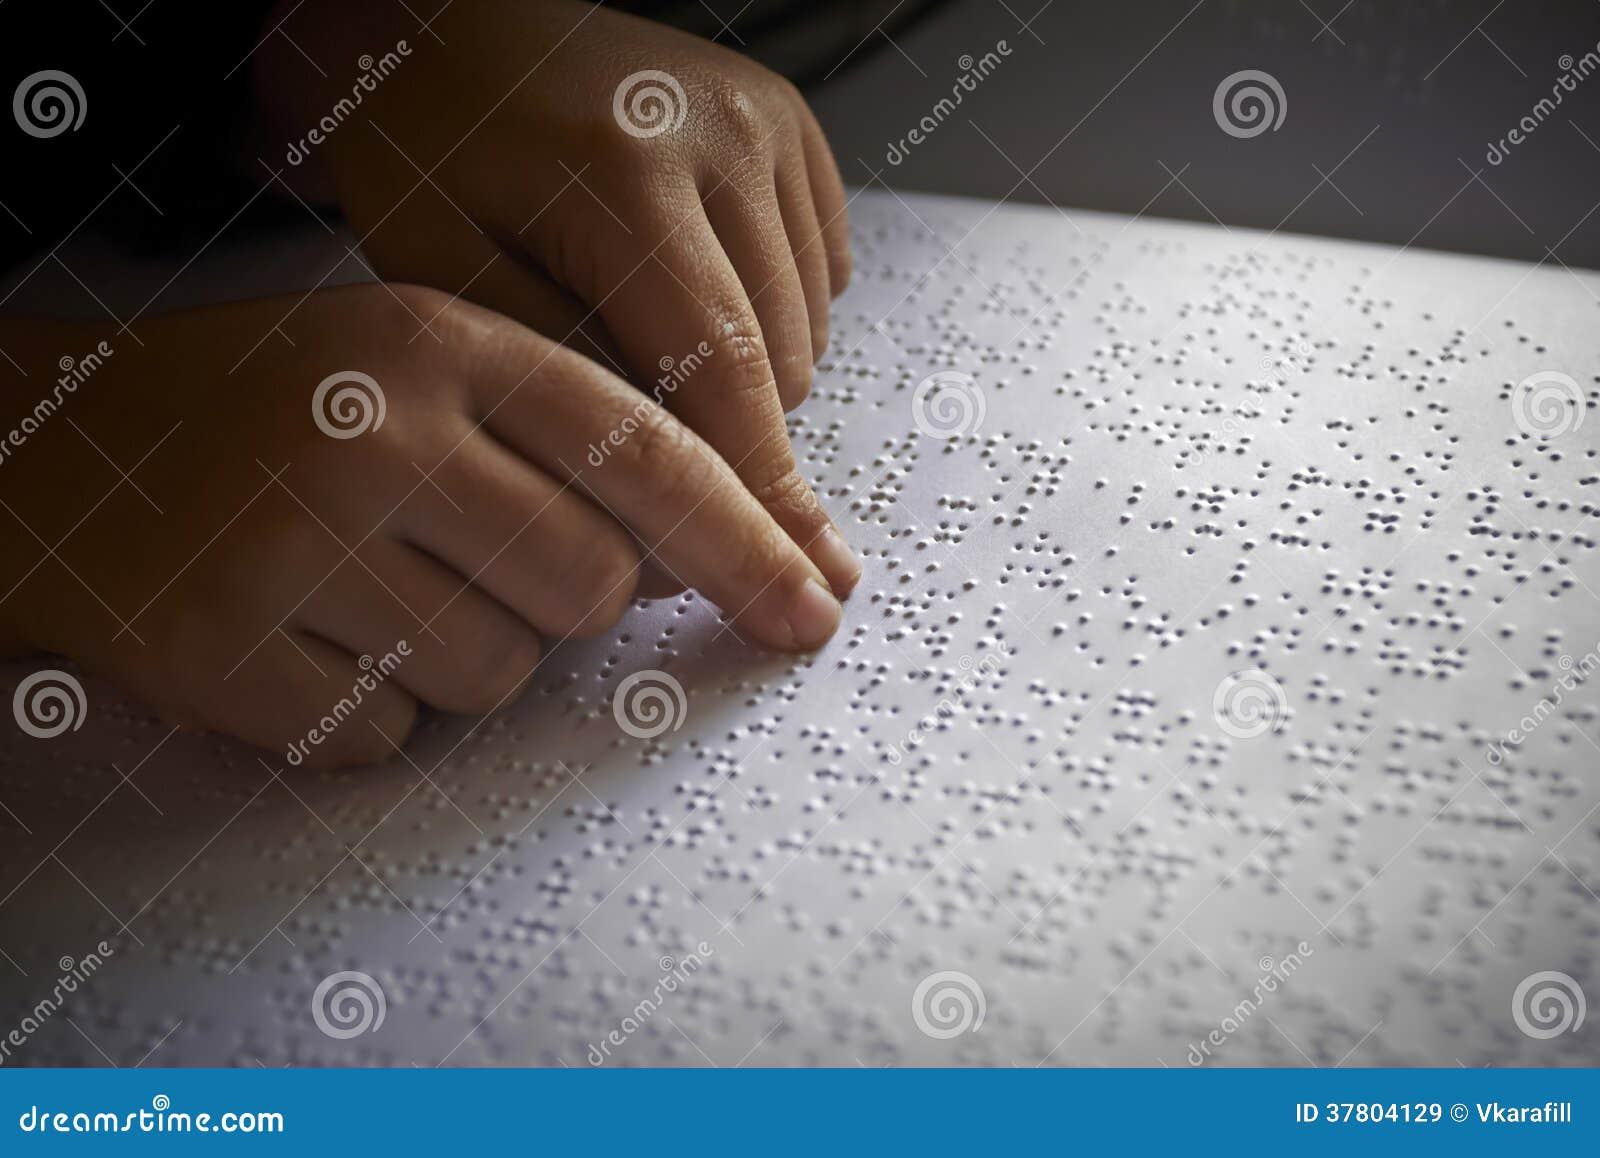 Blind children read text in braille